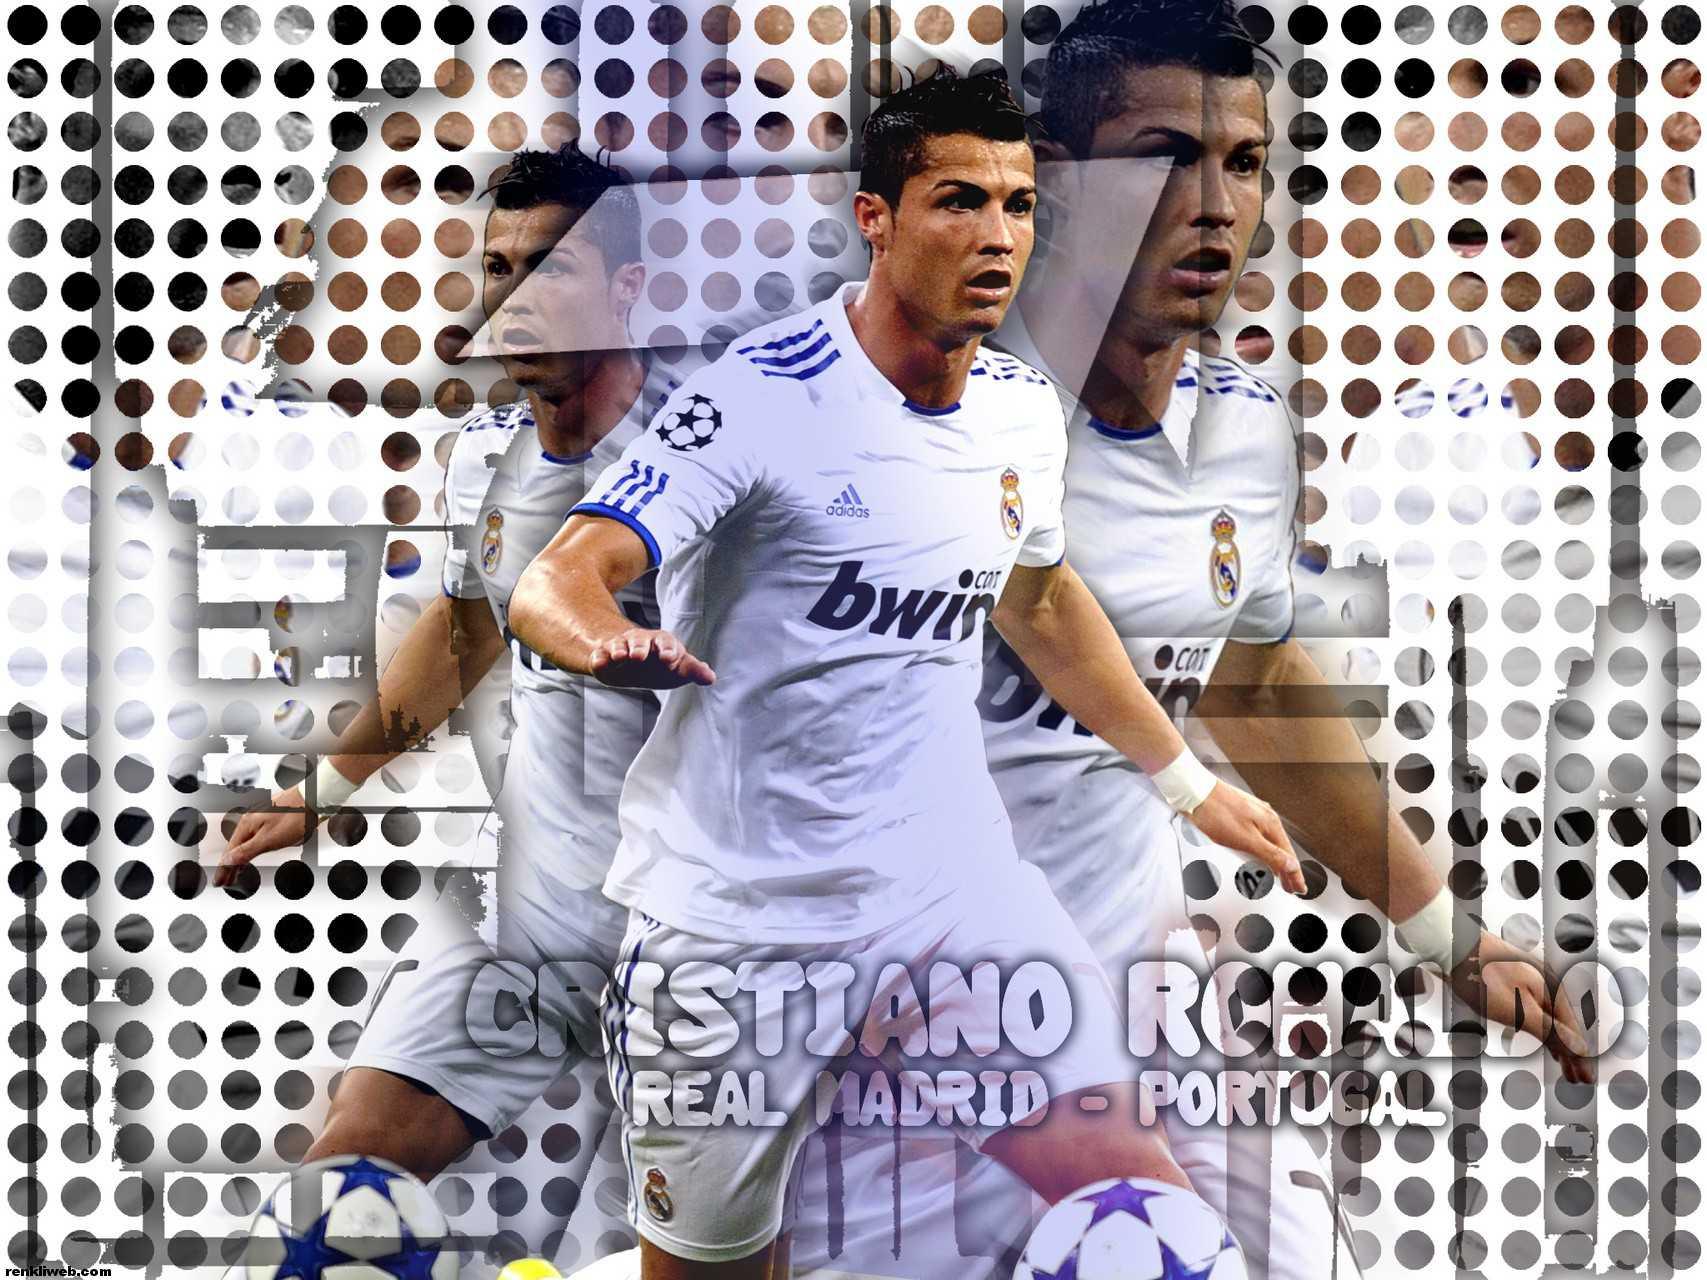 cristiano-ronaldo-wallpaper 8